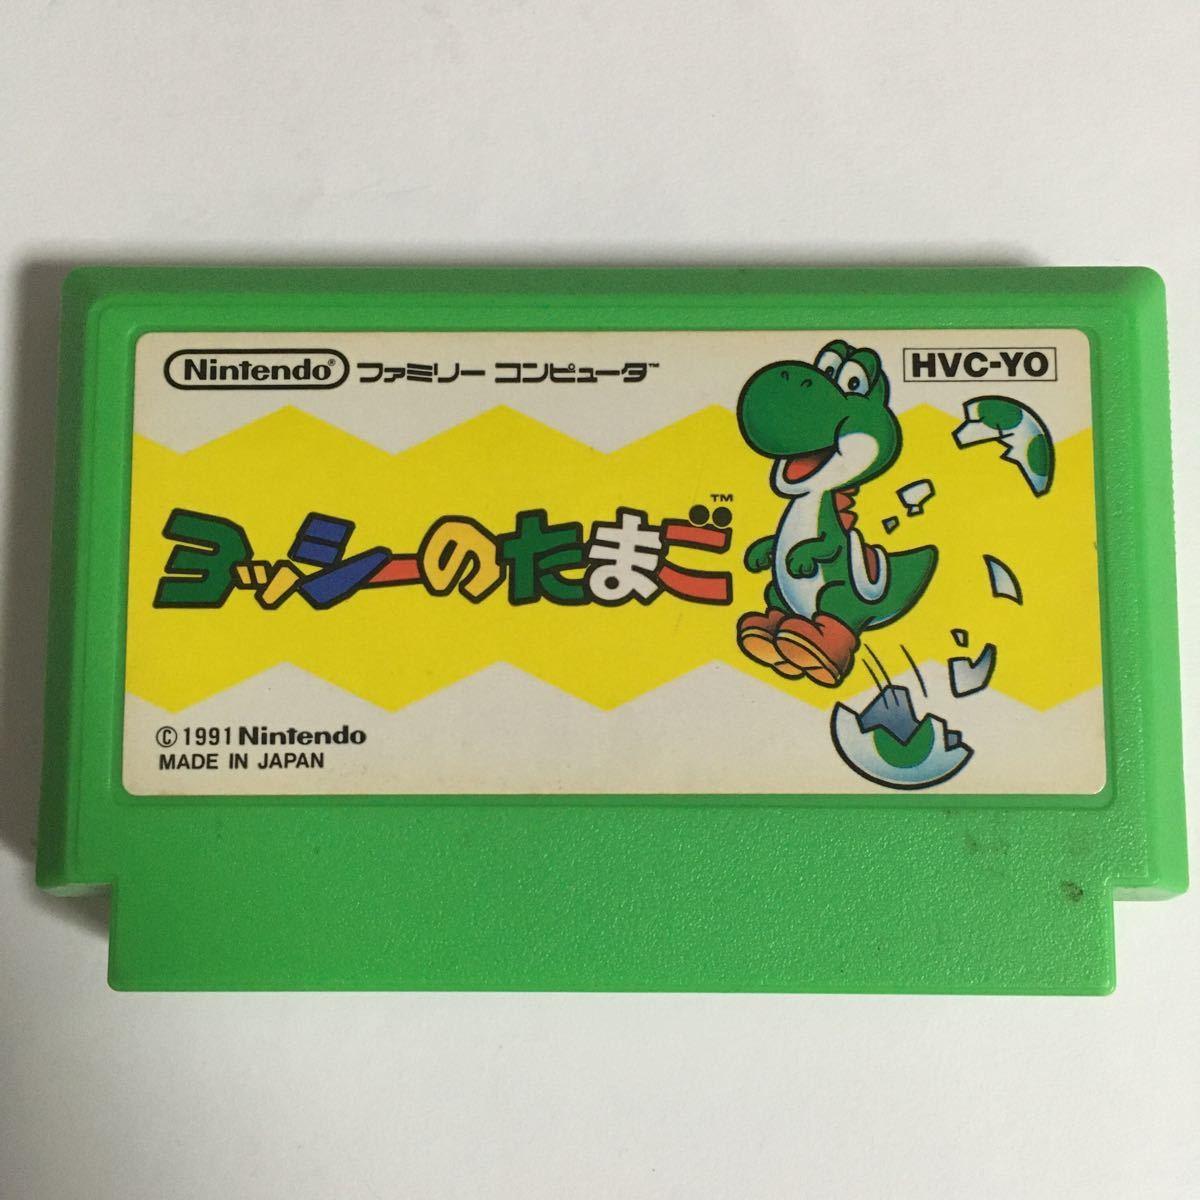 ファミコン カセット 5点セット マリオブラザーズ ドラゴンボール クルクルランド ヨッシー ワンワンパニック 動作確認済み